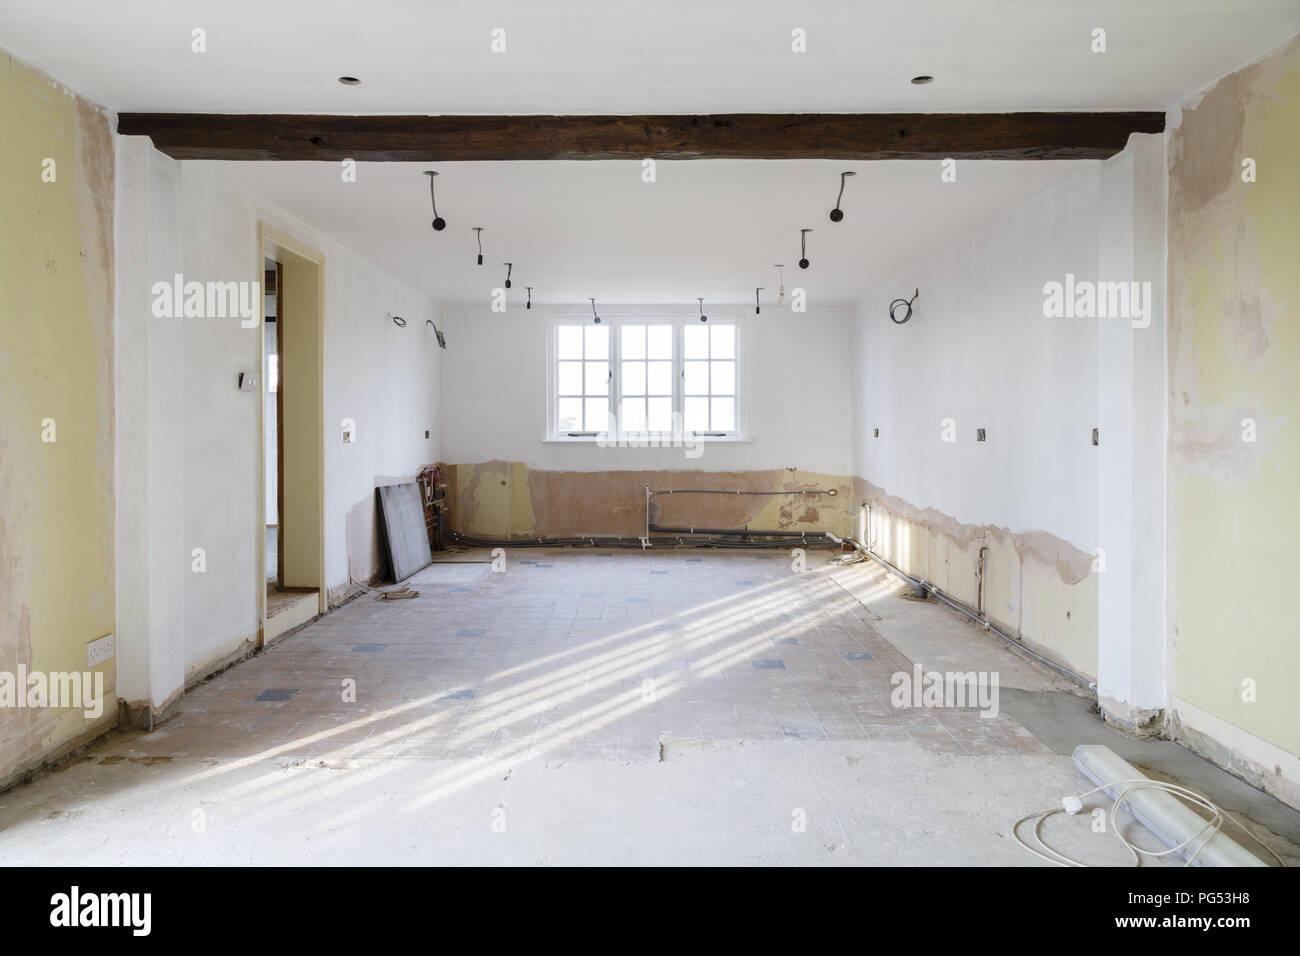 Leere Zimmer in einem alten Haus renoviert, Umbau und Renovierung, in der Vorbereitung für eine Küche einbauen Stockbild